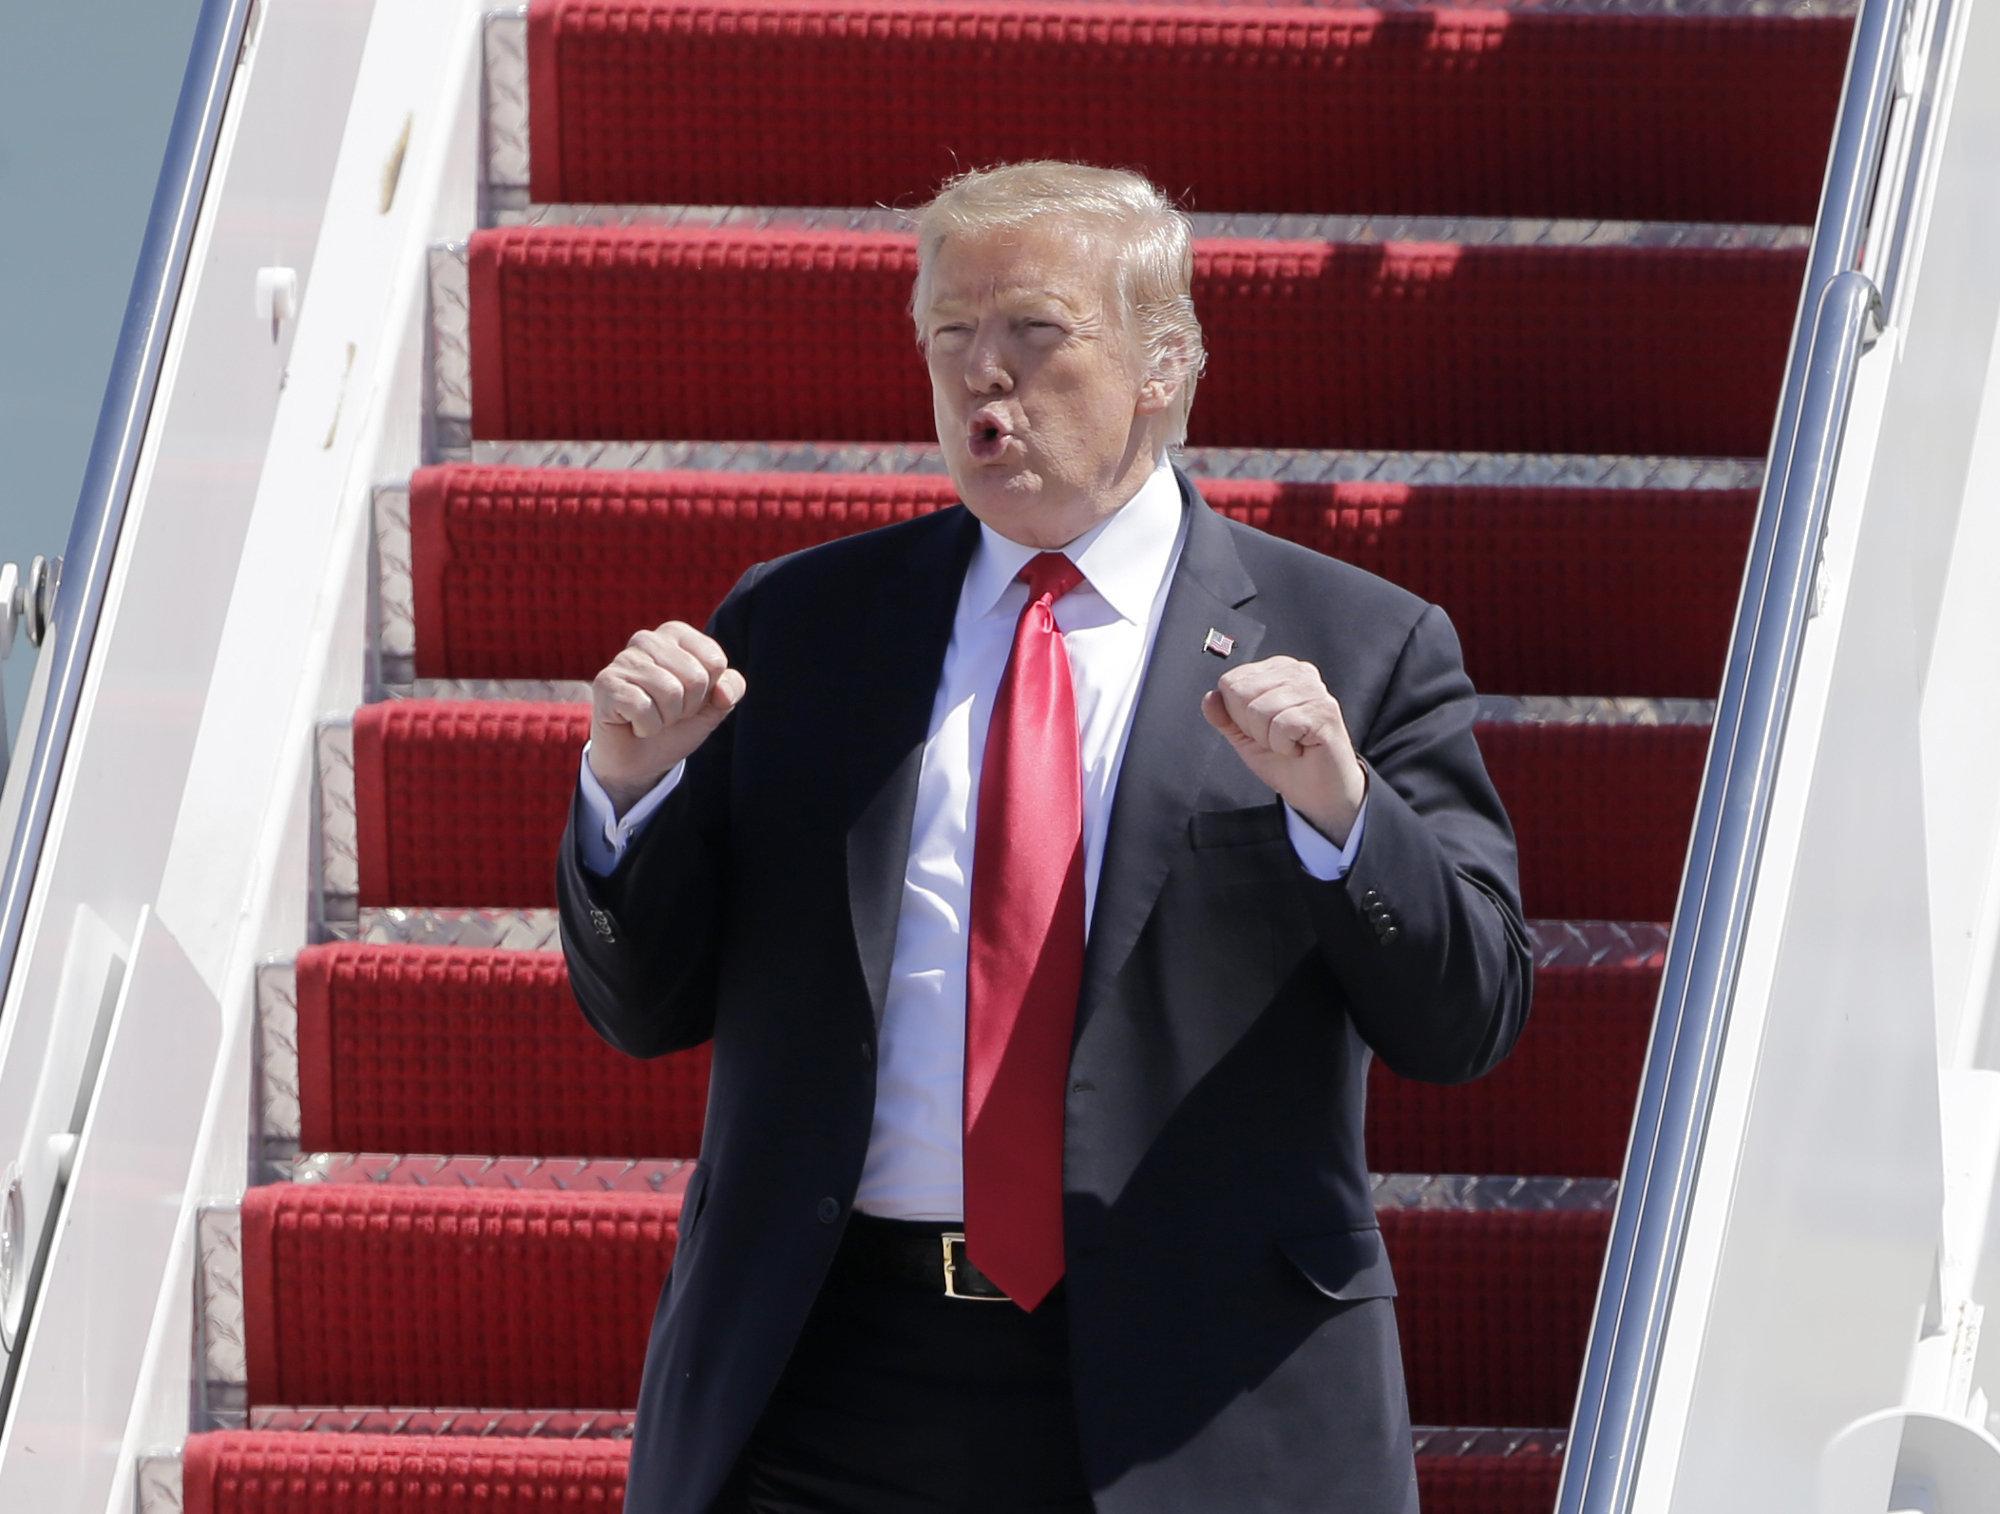 El informe del fiscal Mueller concluye que no hubo conspiración entre la campaña de Trump y